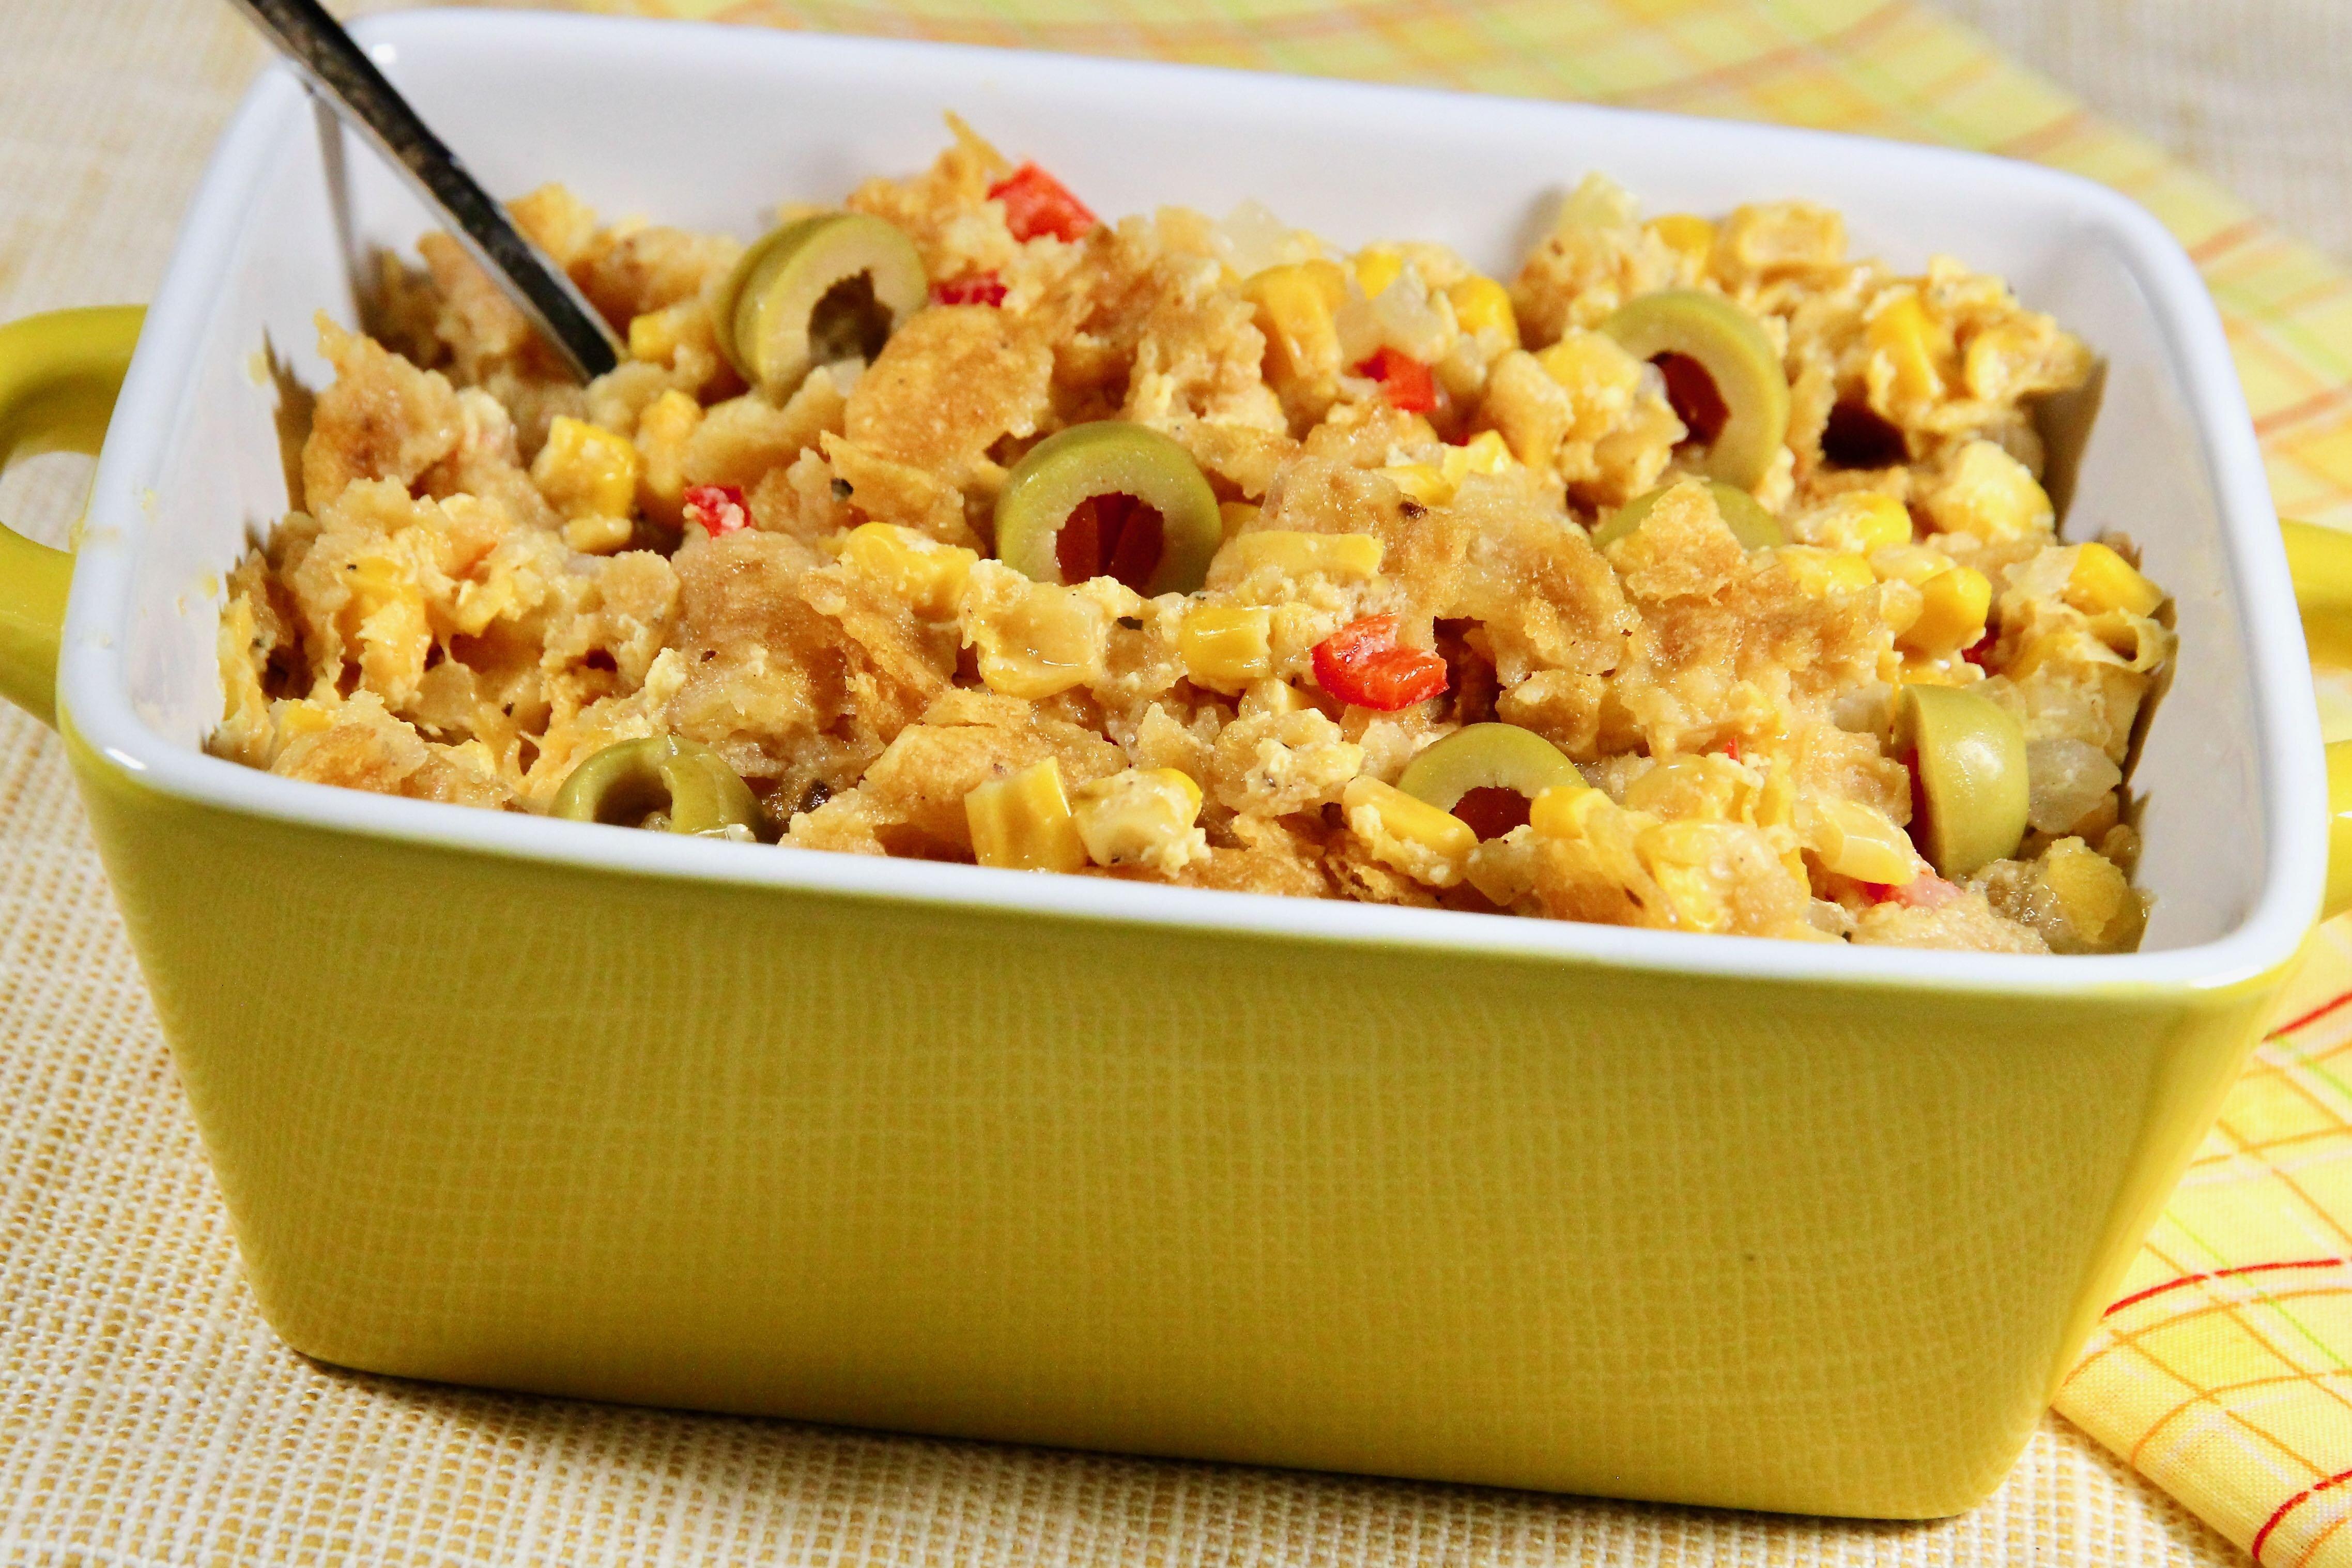 bridgets family corn casserole recipe